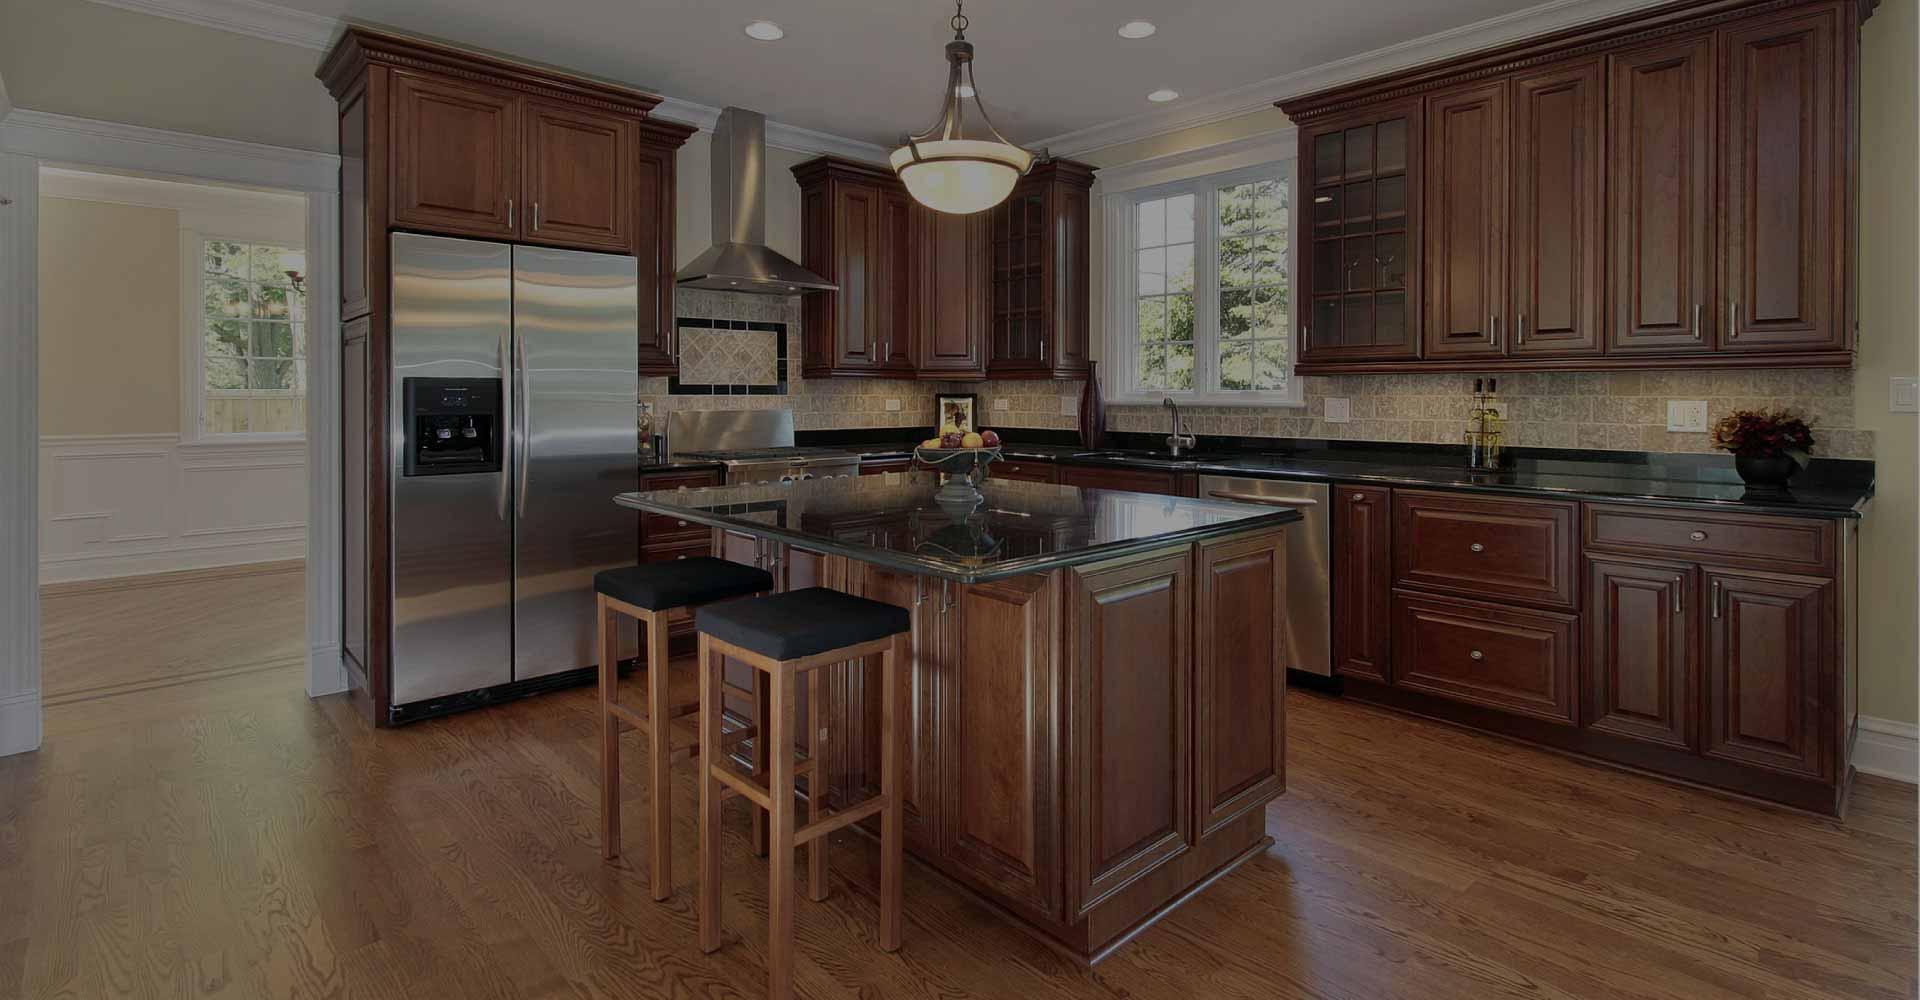 High Quality LOCAL In Elkridge MD Crofton MD 410 540 9333 Granite Countertops   United Granite  Countertops In Maryland